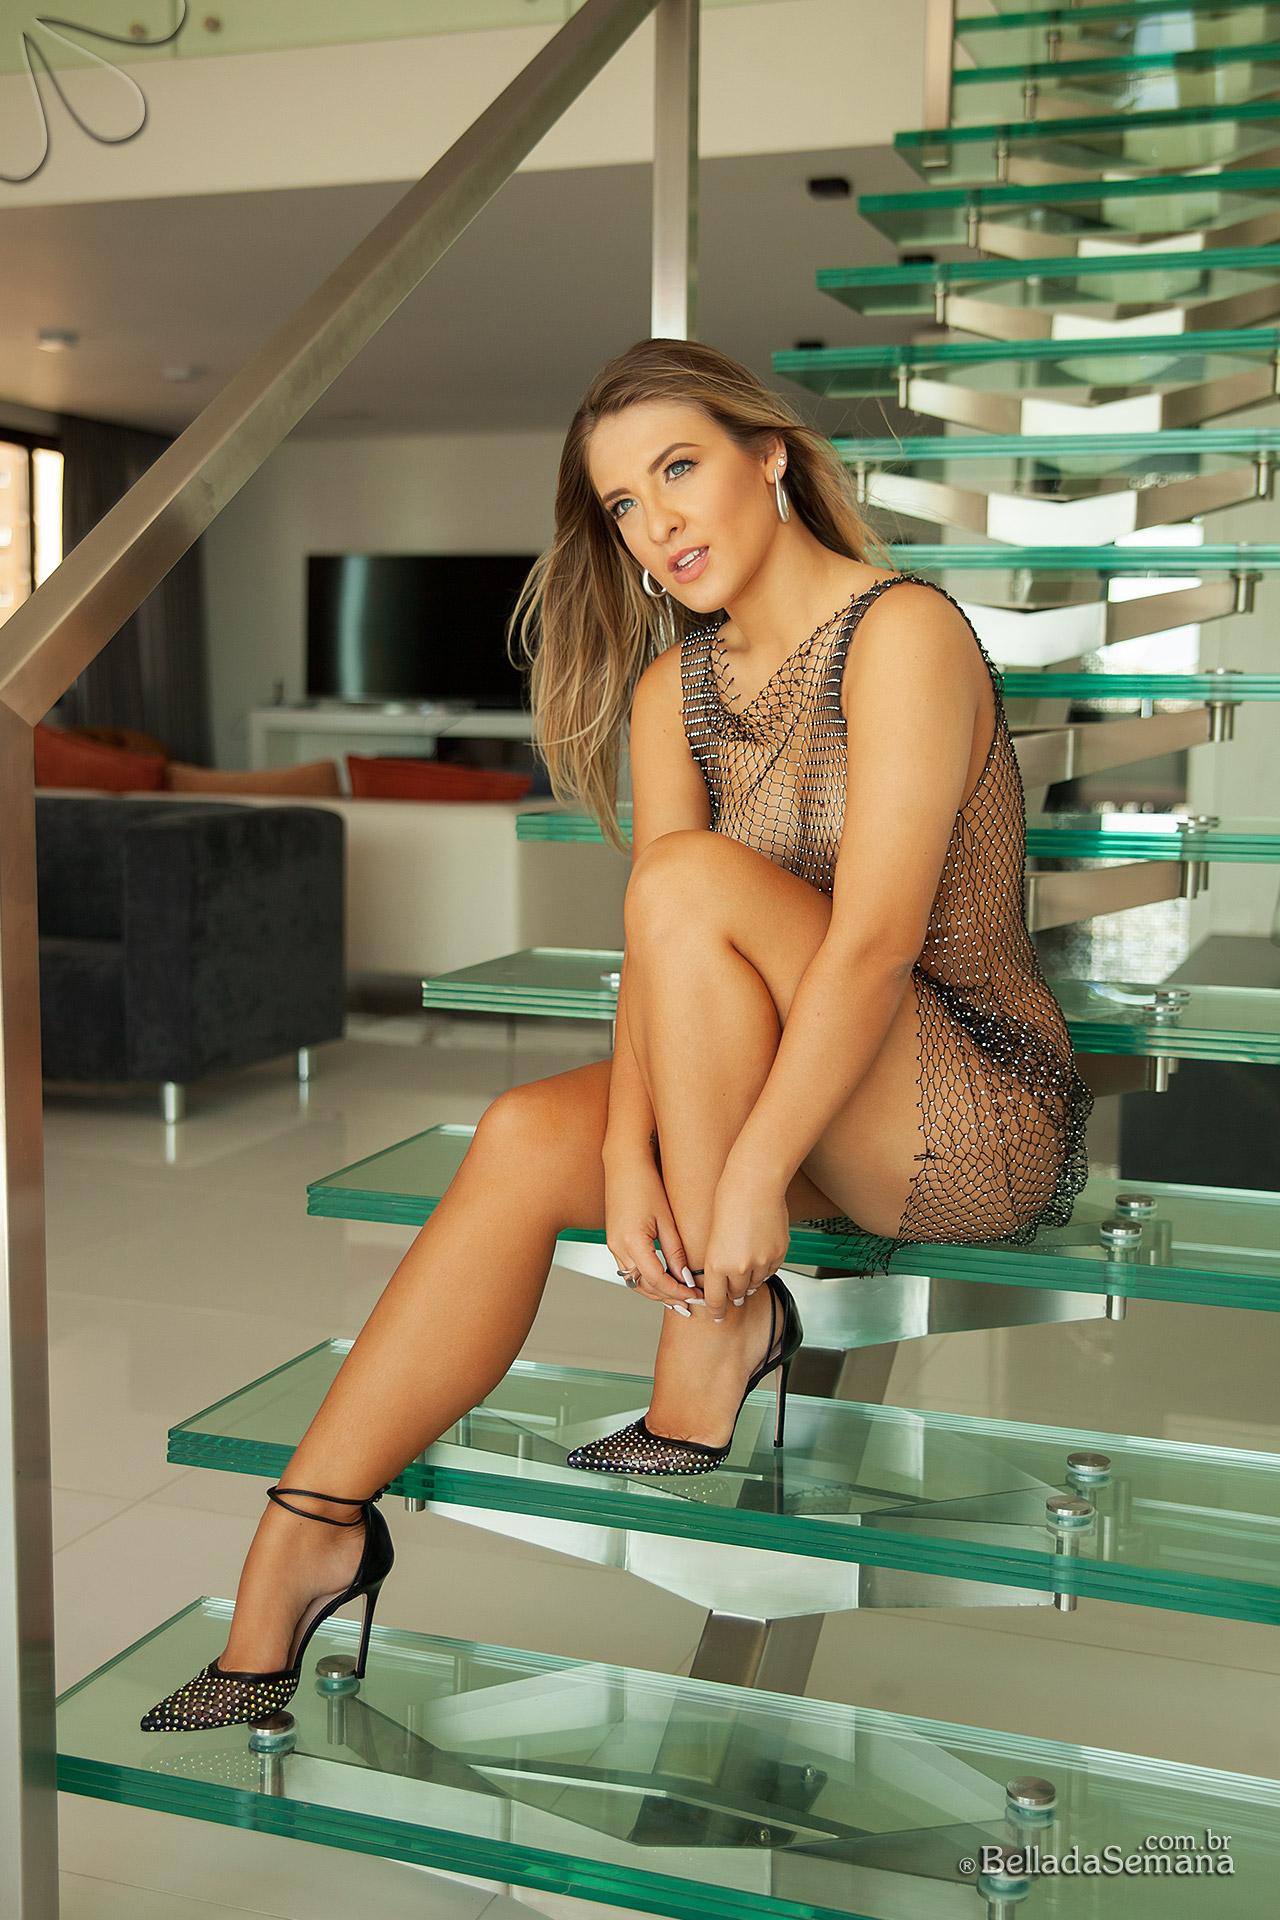 Linda Rodrigues | Bella da semana